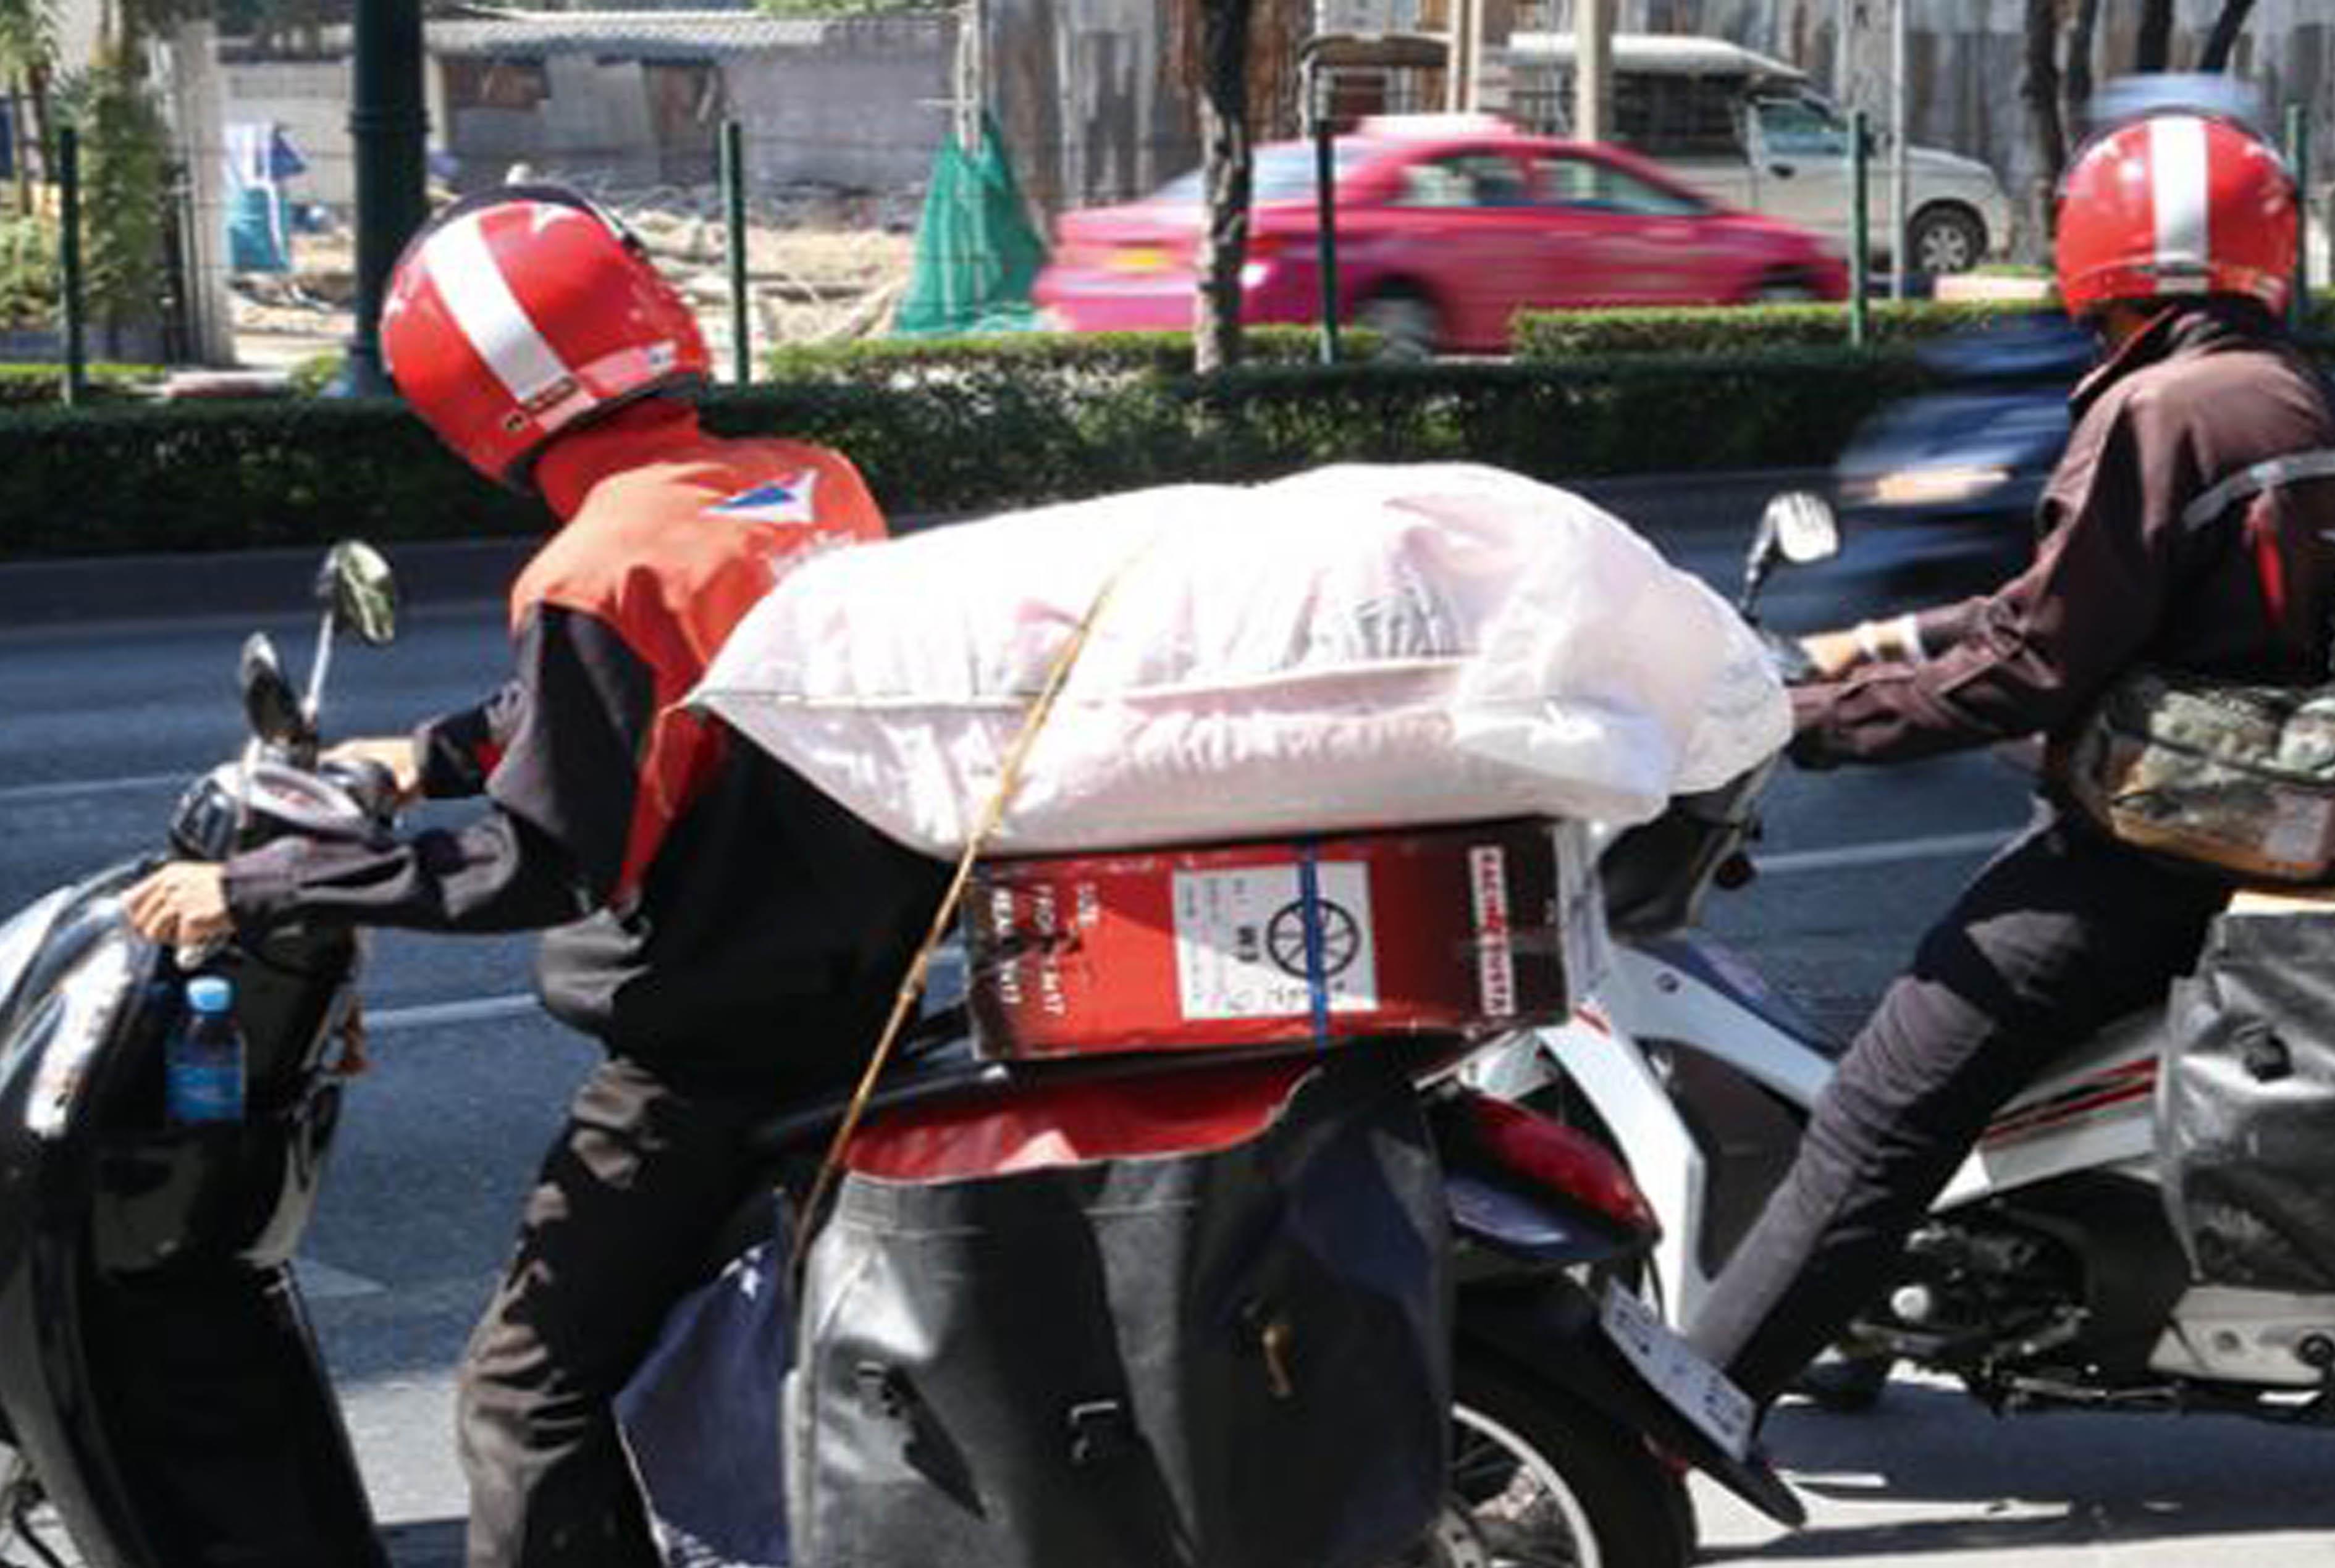 破損?行方不明?タイの郵便事情 - ワイズデジタル【タイで生活する人のための情報サイト】